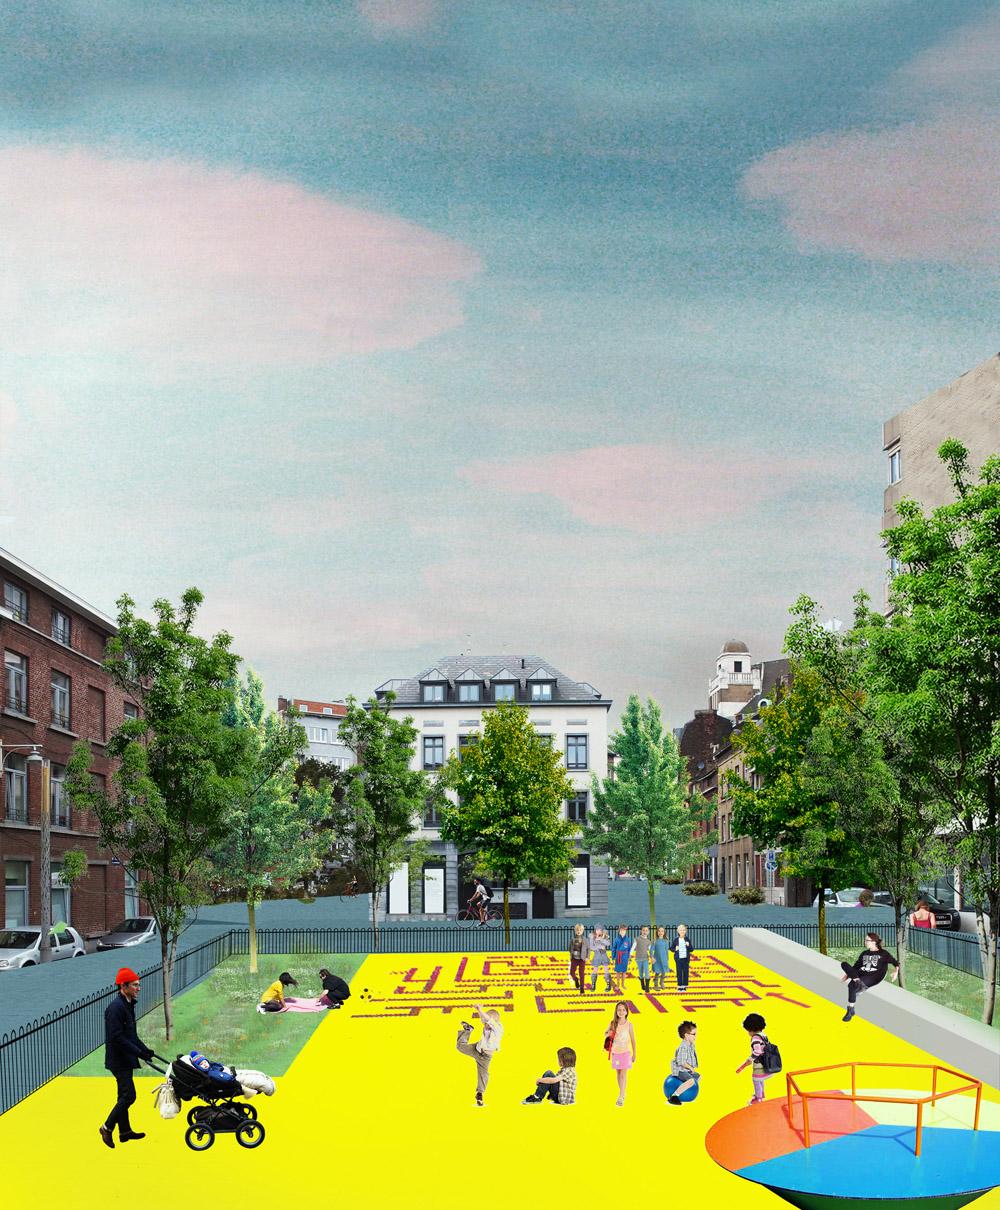 Schéma des aires de jeux   Fruit d'un longue réflexion et d'efforts conjoints de la Cellule Bouwmeester et l'Ecologie urbaine, la Ville de Charleroi se dote d'un nouvel outil d'orientation pour ses aires de jeux et de récréation.   + d'informations